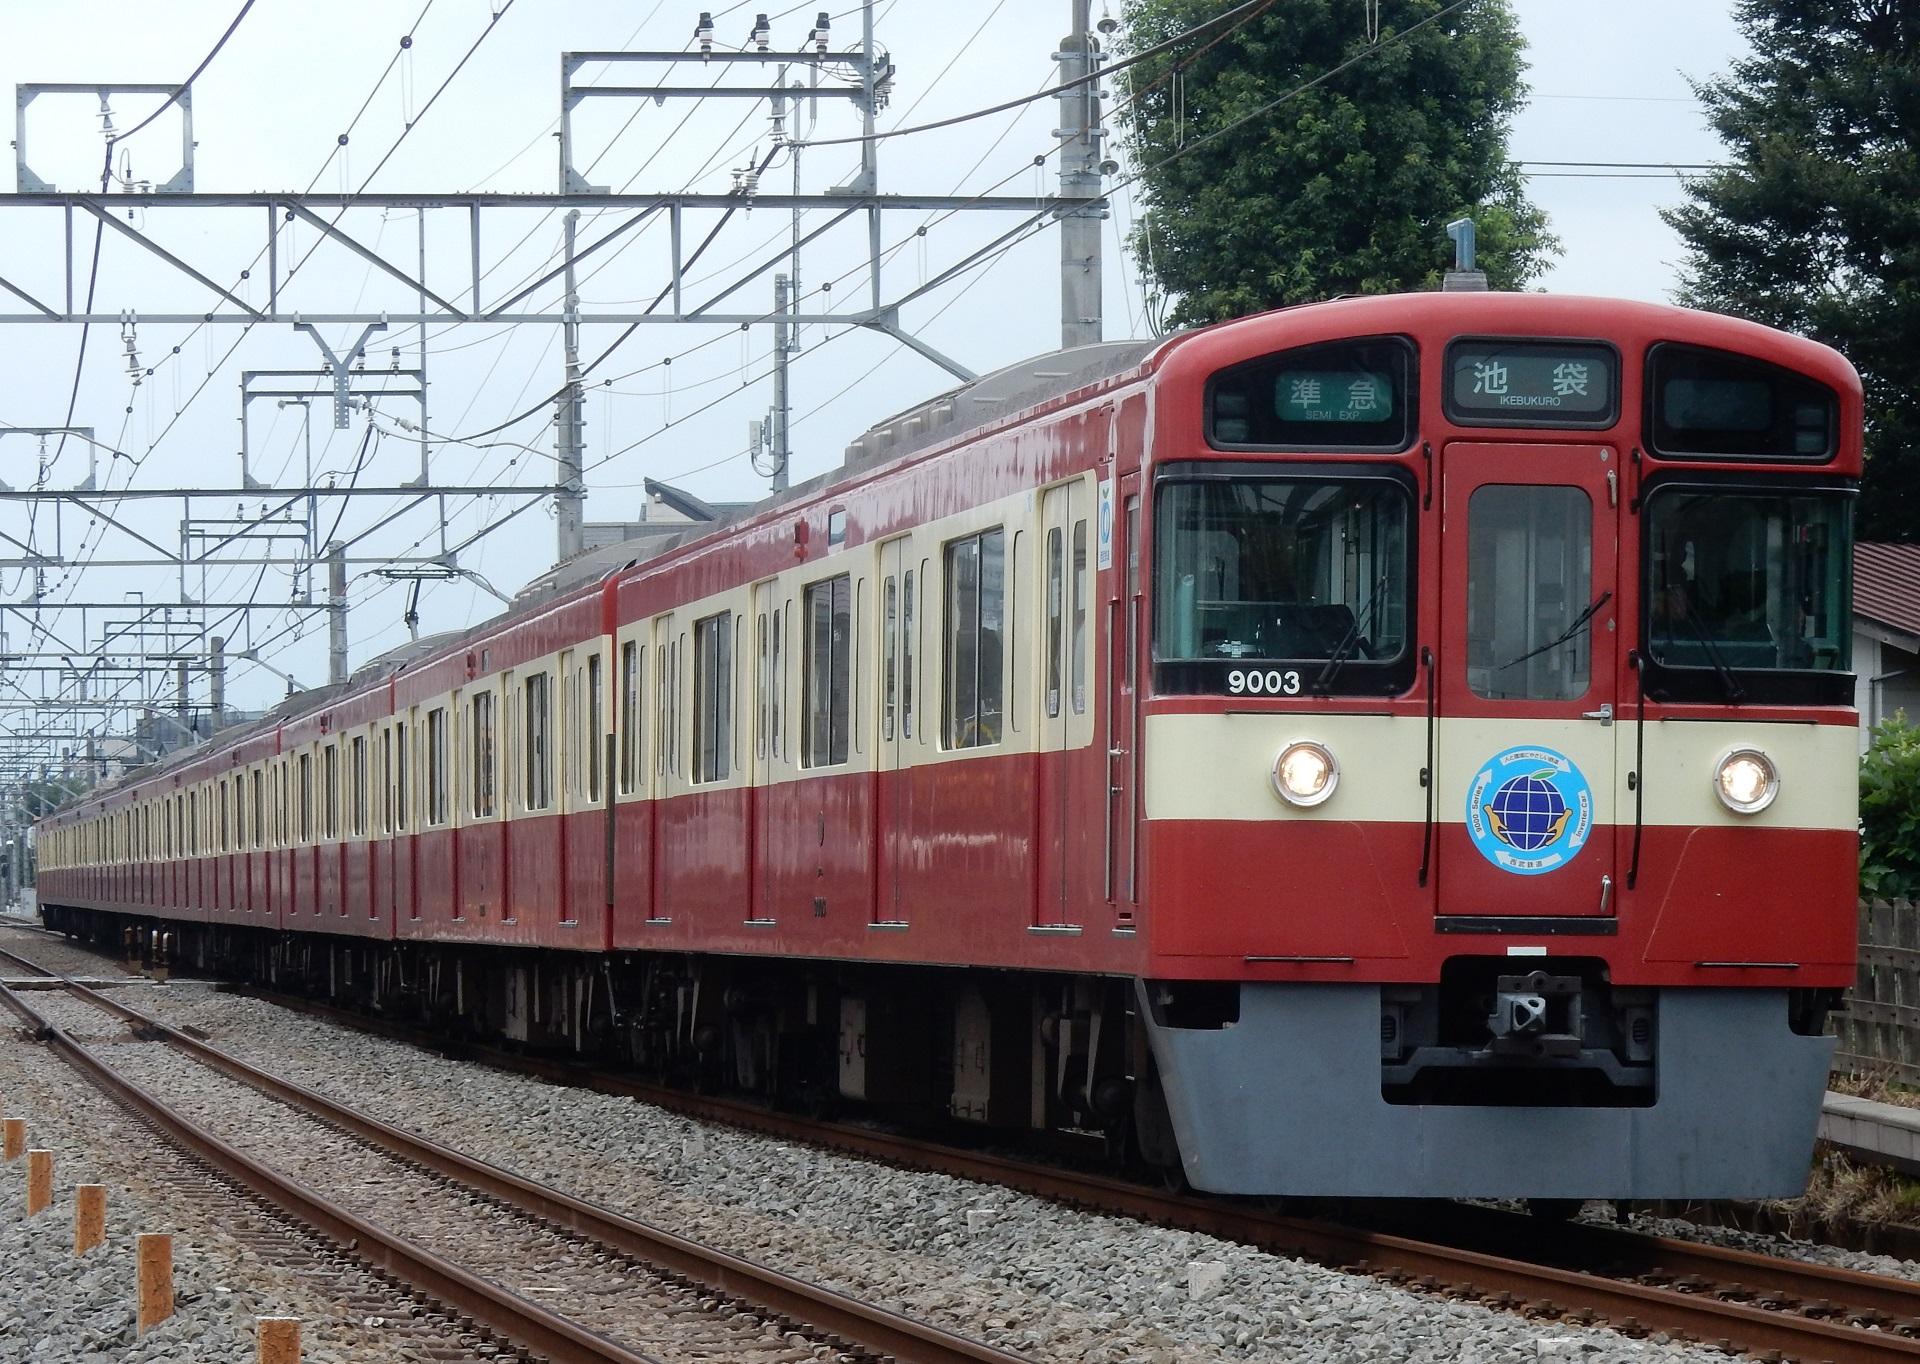 DSCN2847 - コピー